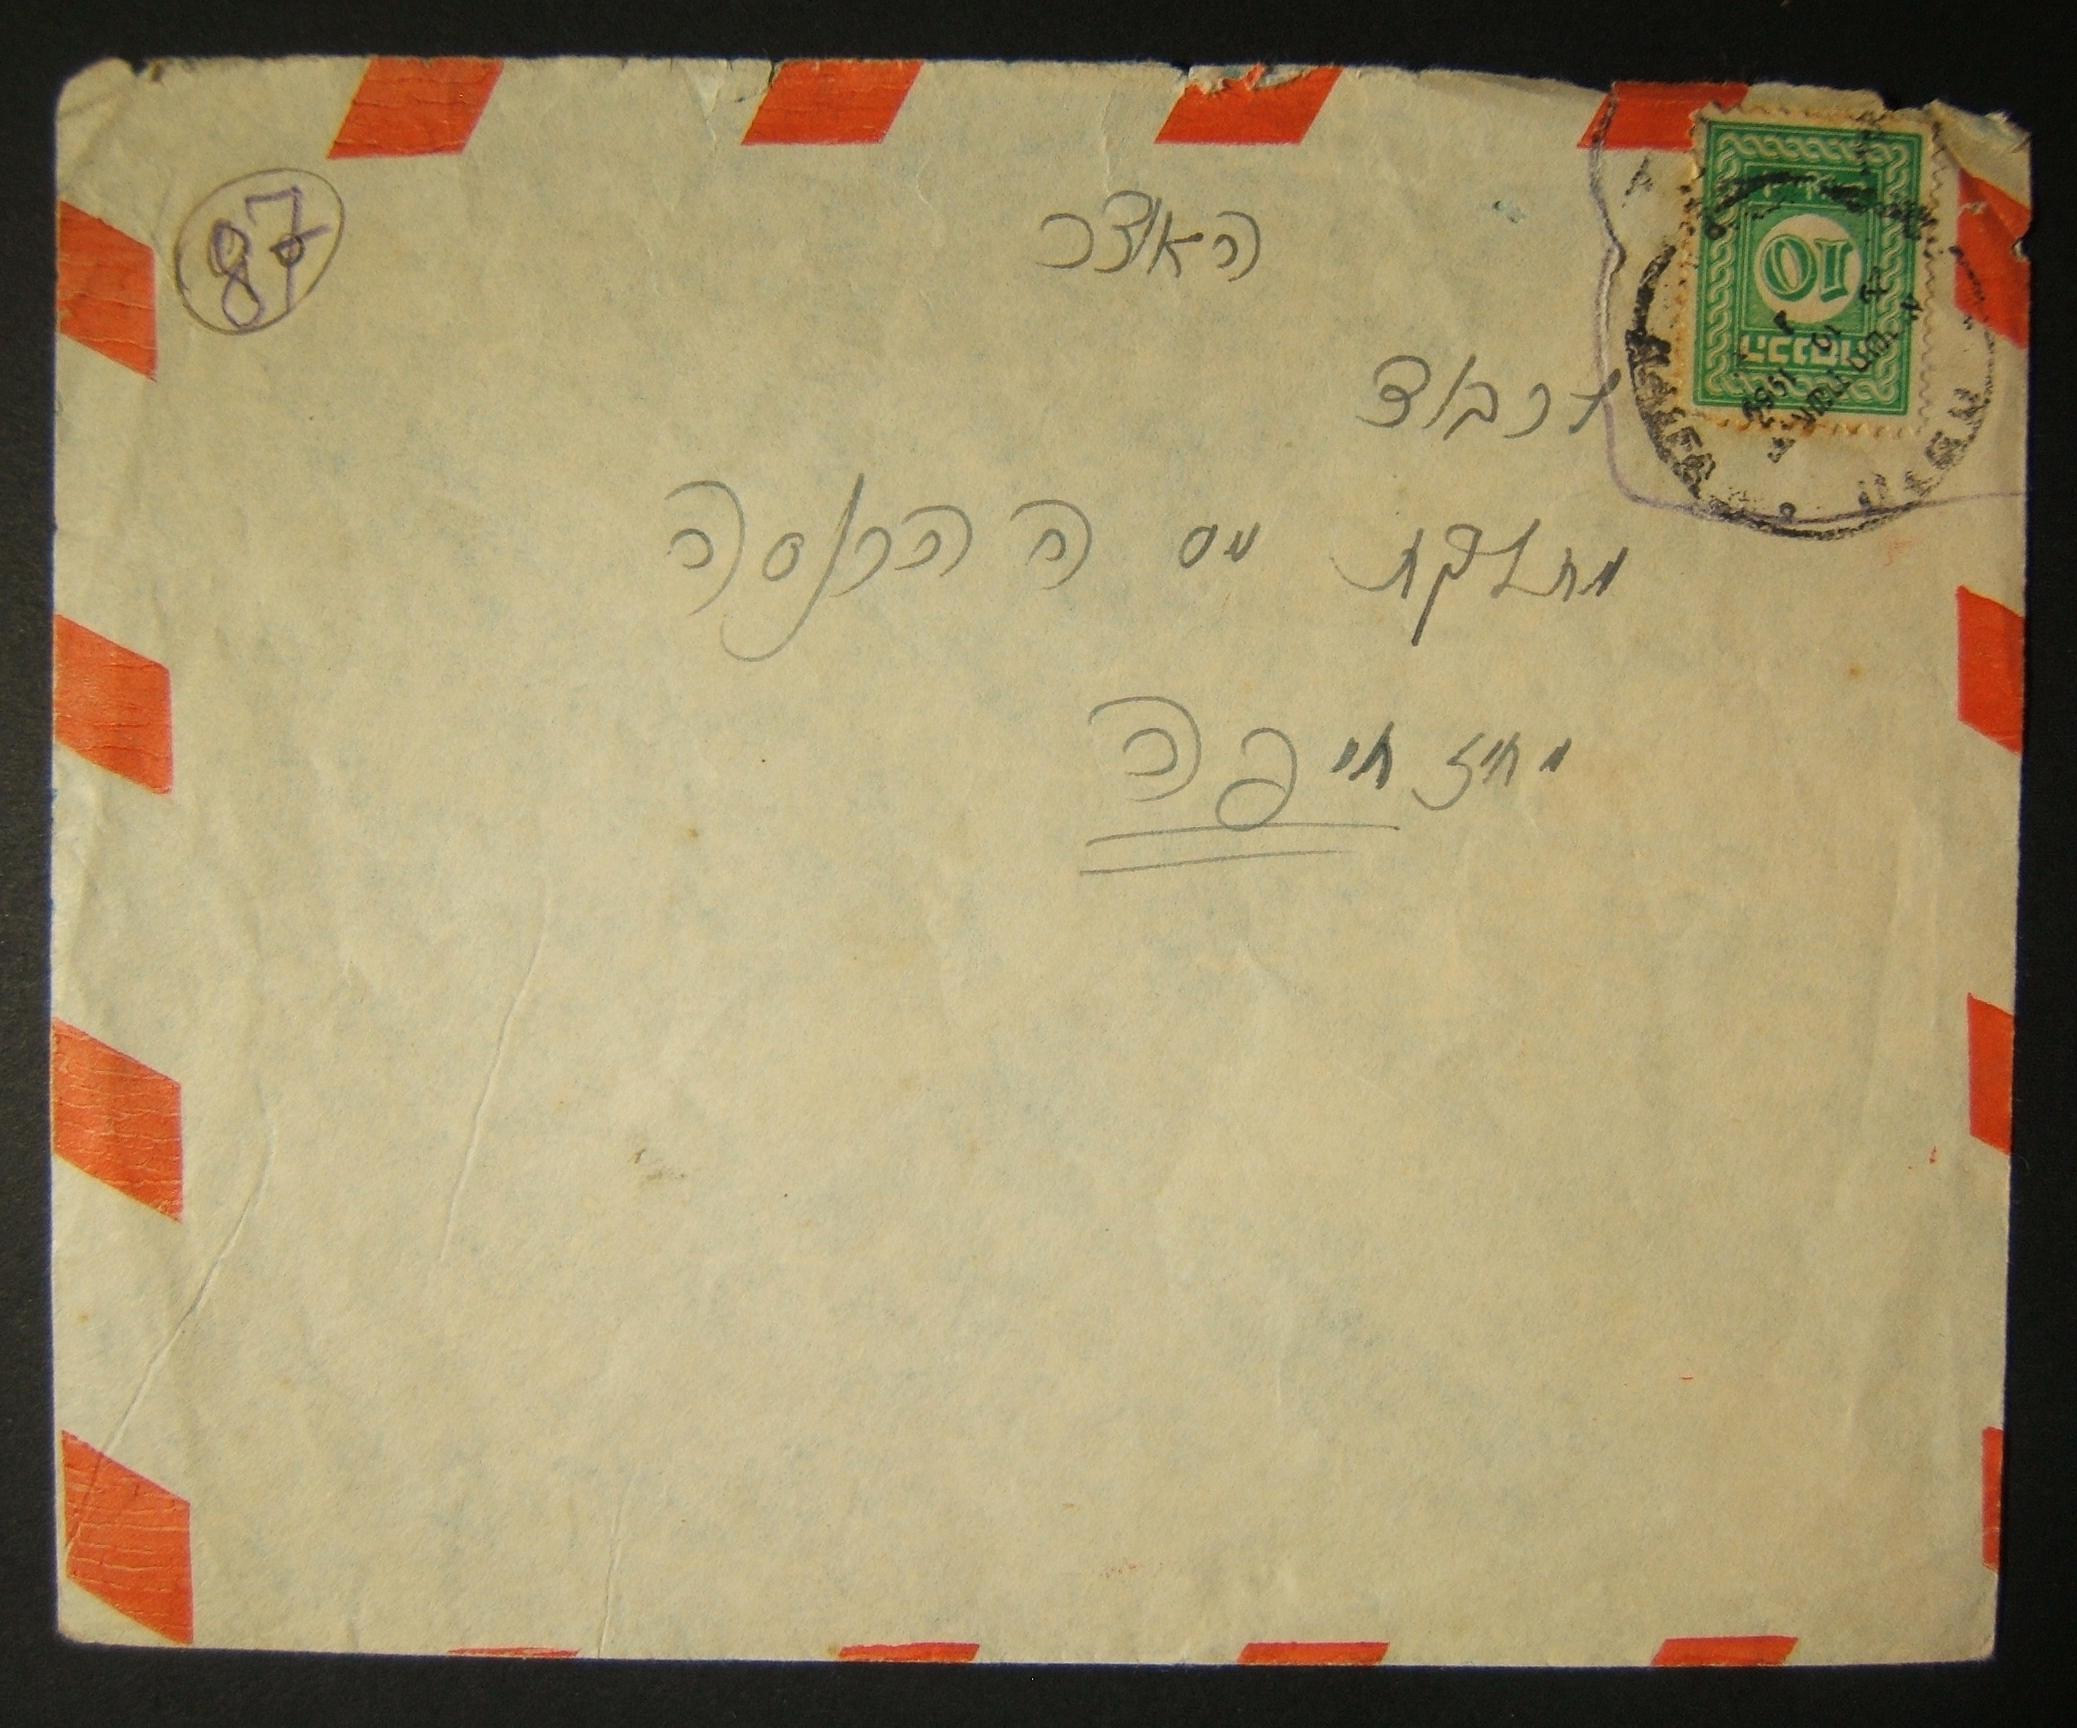 29-10-1950 דואר מקומי בדואר של חיפה מסומן למס, ולאחר מכן בוטל